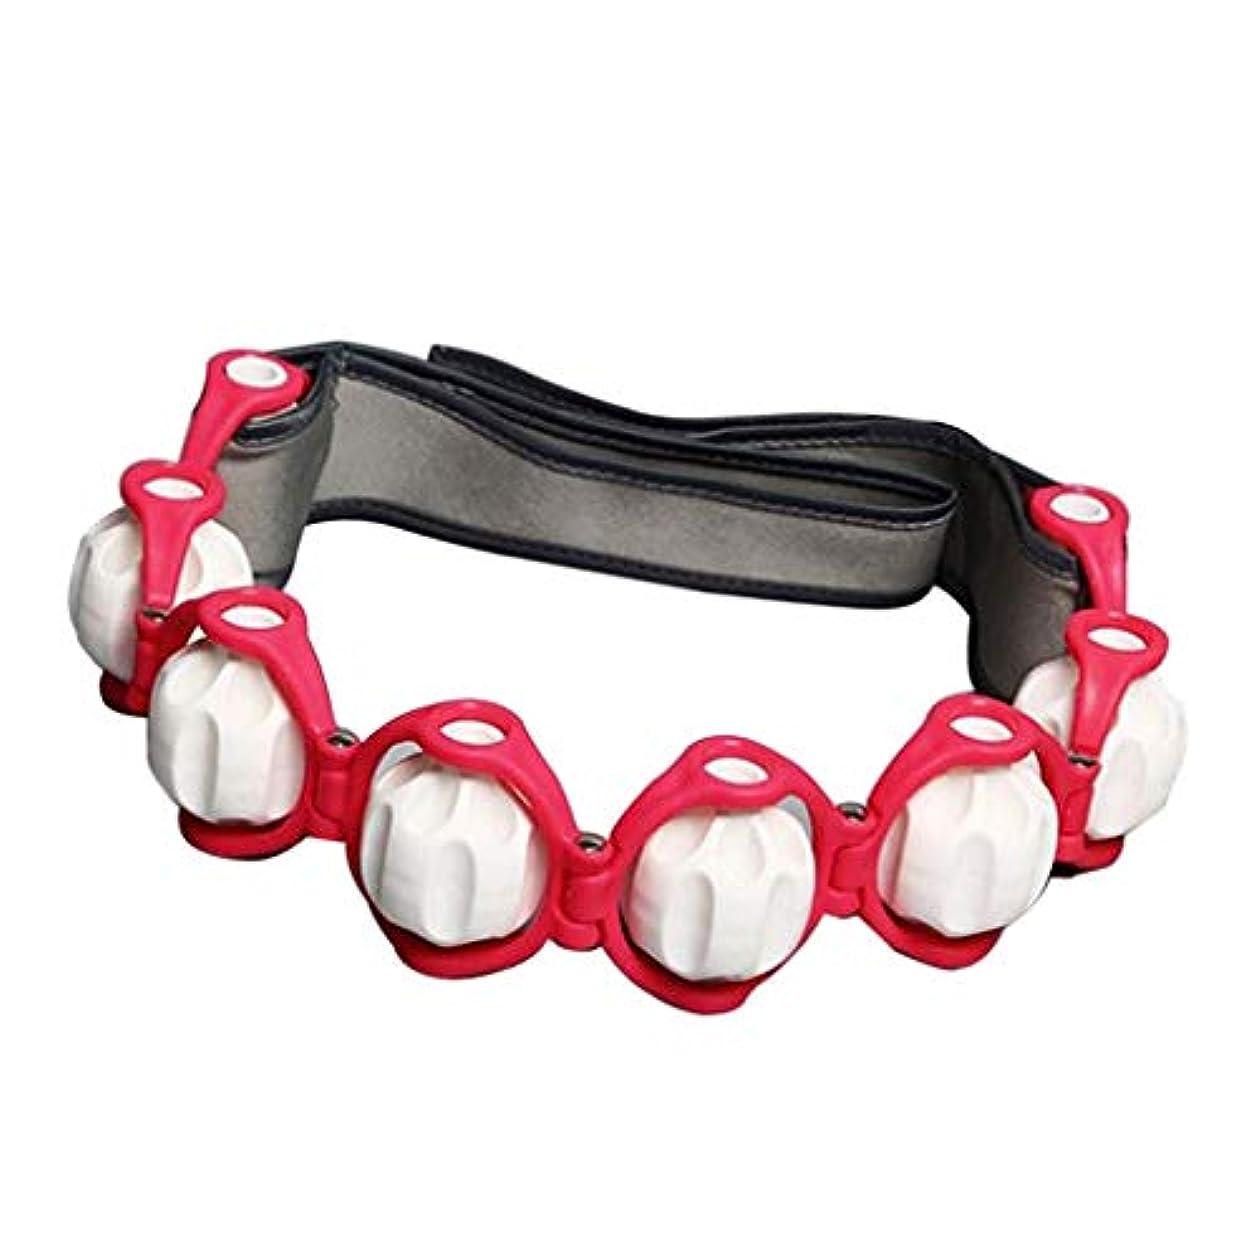 経度罰する含むマッサージローラー ロープ付き ネック ショルダー ツボ押し マッサージボール 4色選べ - 赤, 説明したように